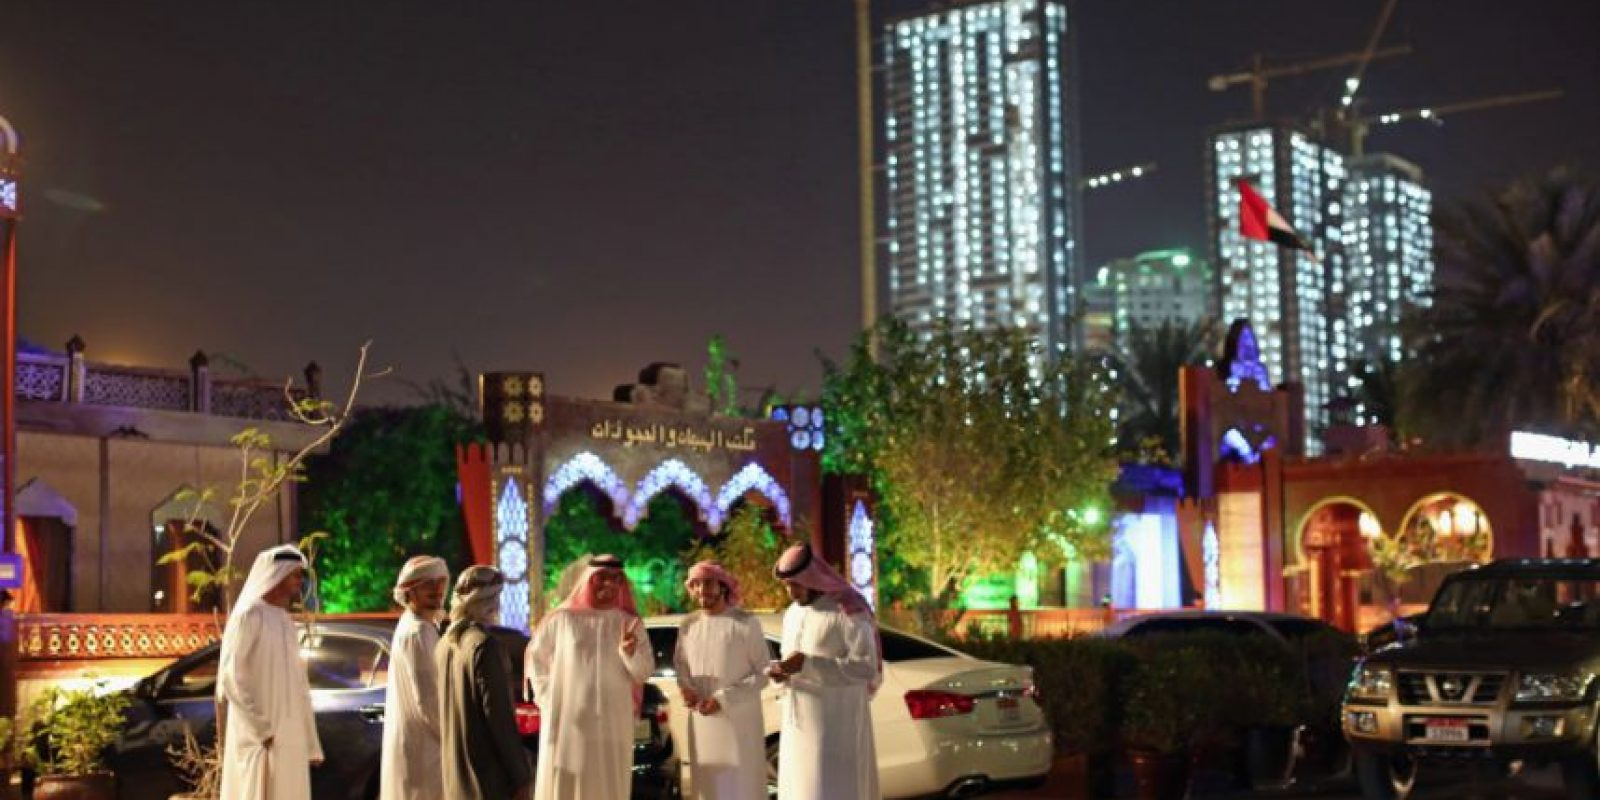 Los árabes se han distinguido por su gran opulencia. Foto:Getty Images